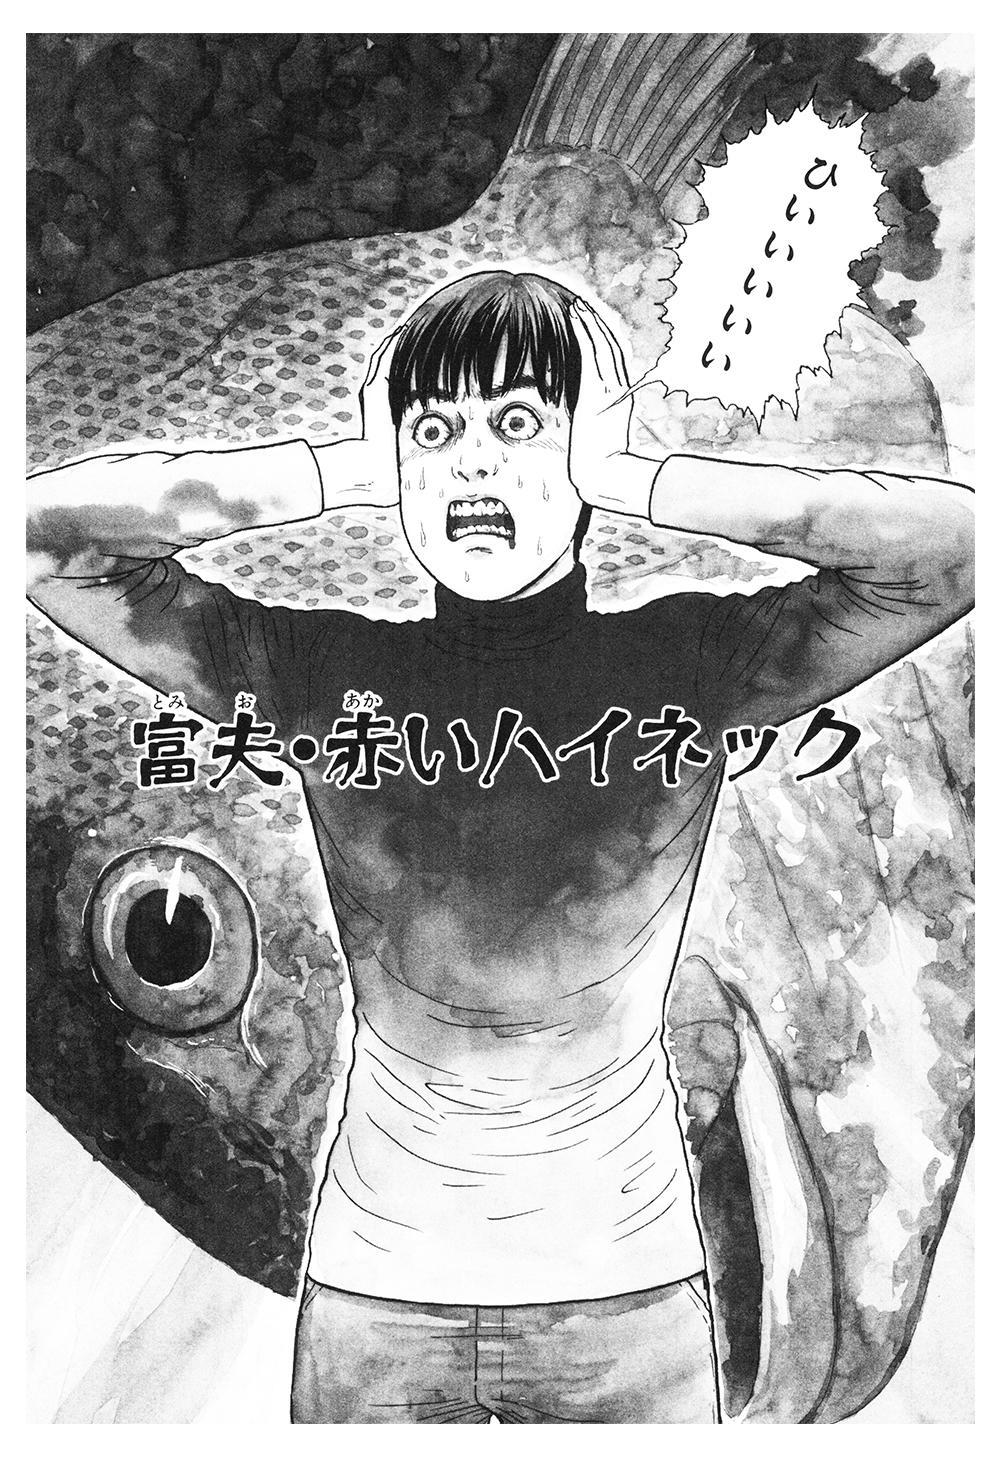 魔の断片 第3話「富夫・赤いハイネック」①jisen05-03.jpg